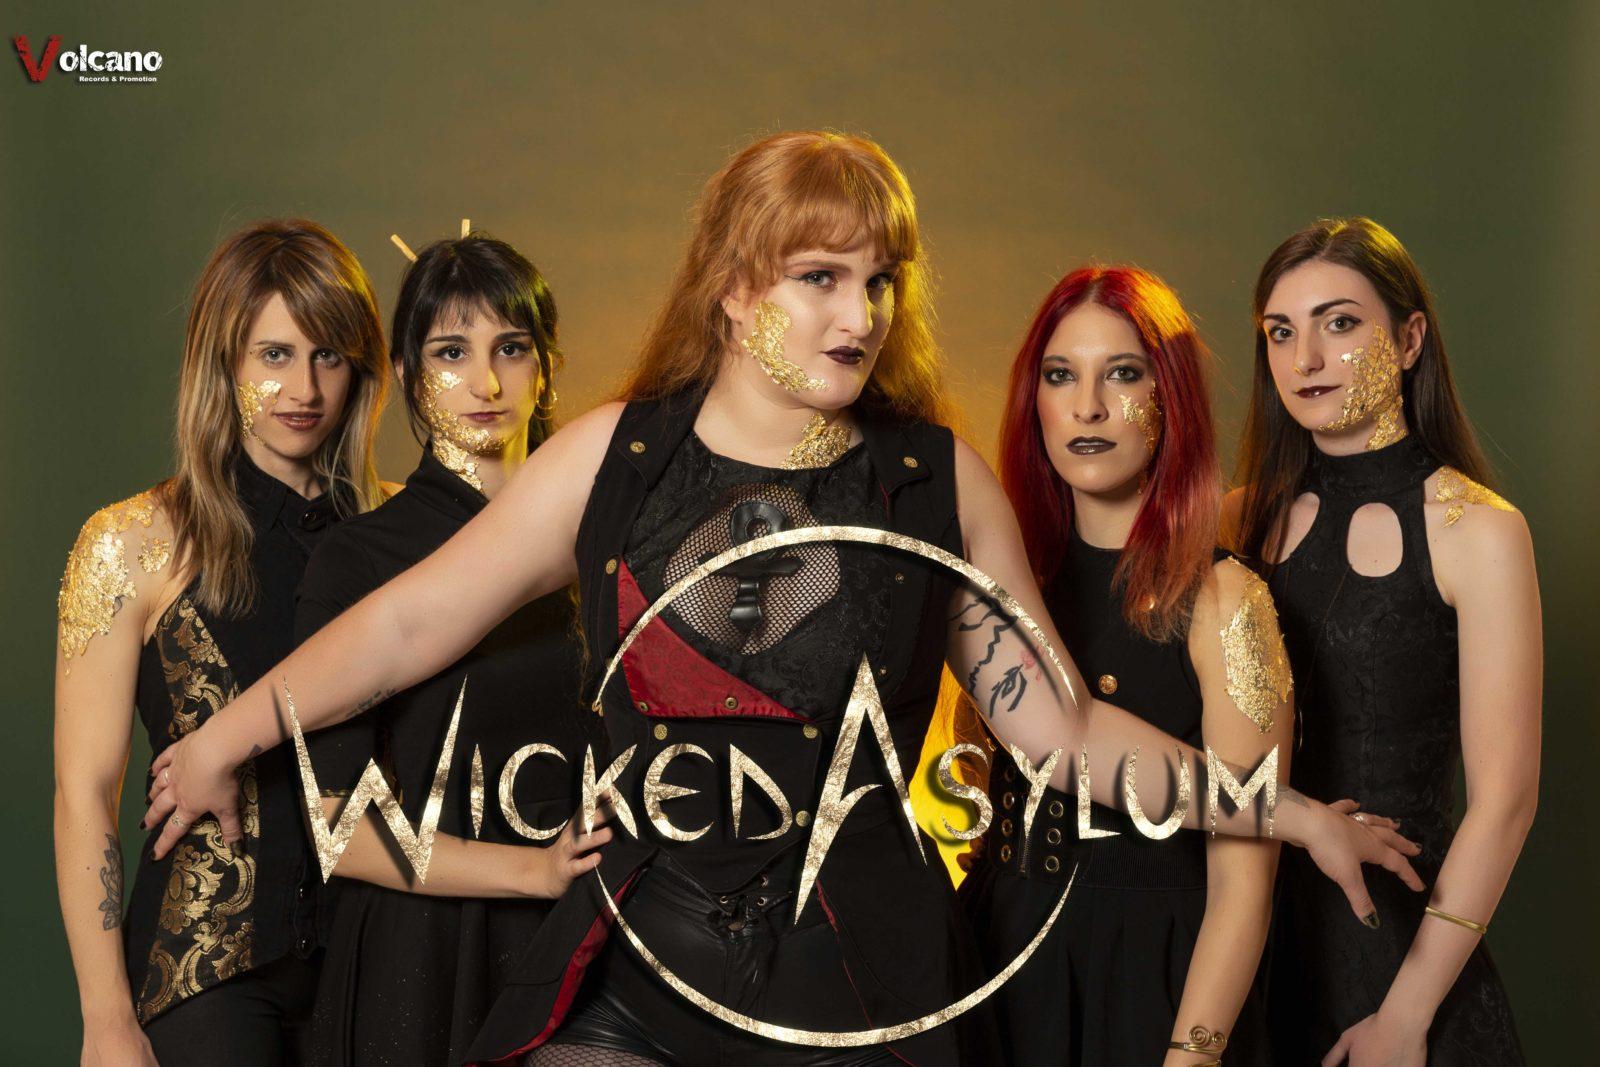 Wicked Asylum Volcano Records 3